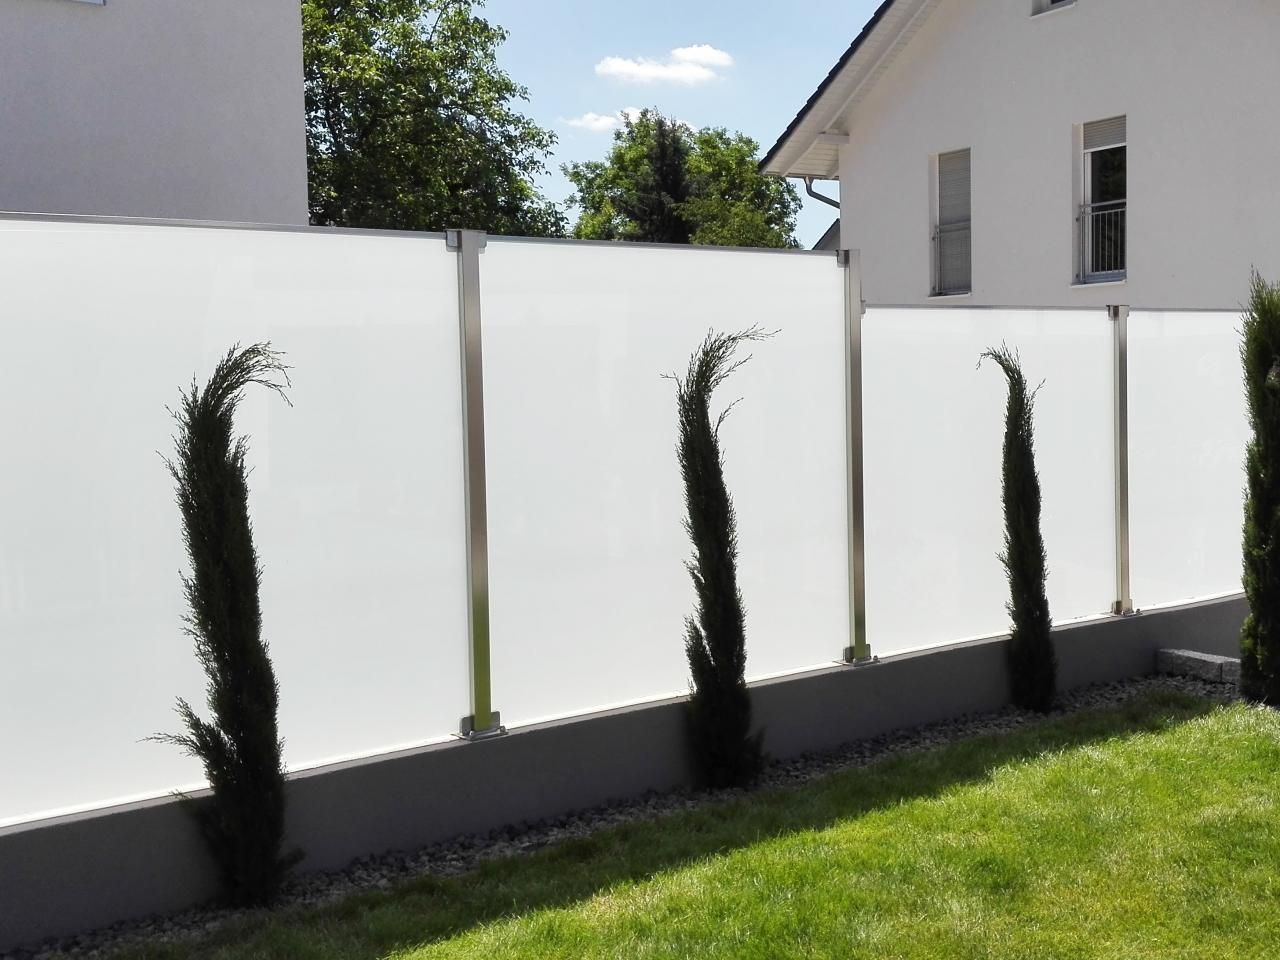 Glaszaun Fur Wind Und Sichtschutz Glasprofi24 Glaszaun